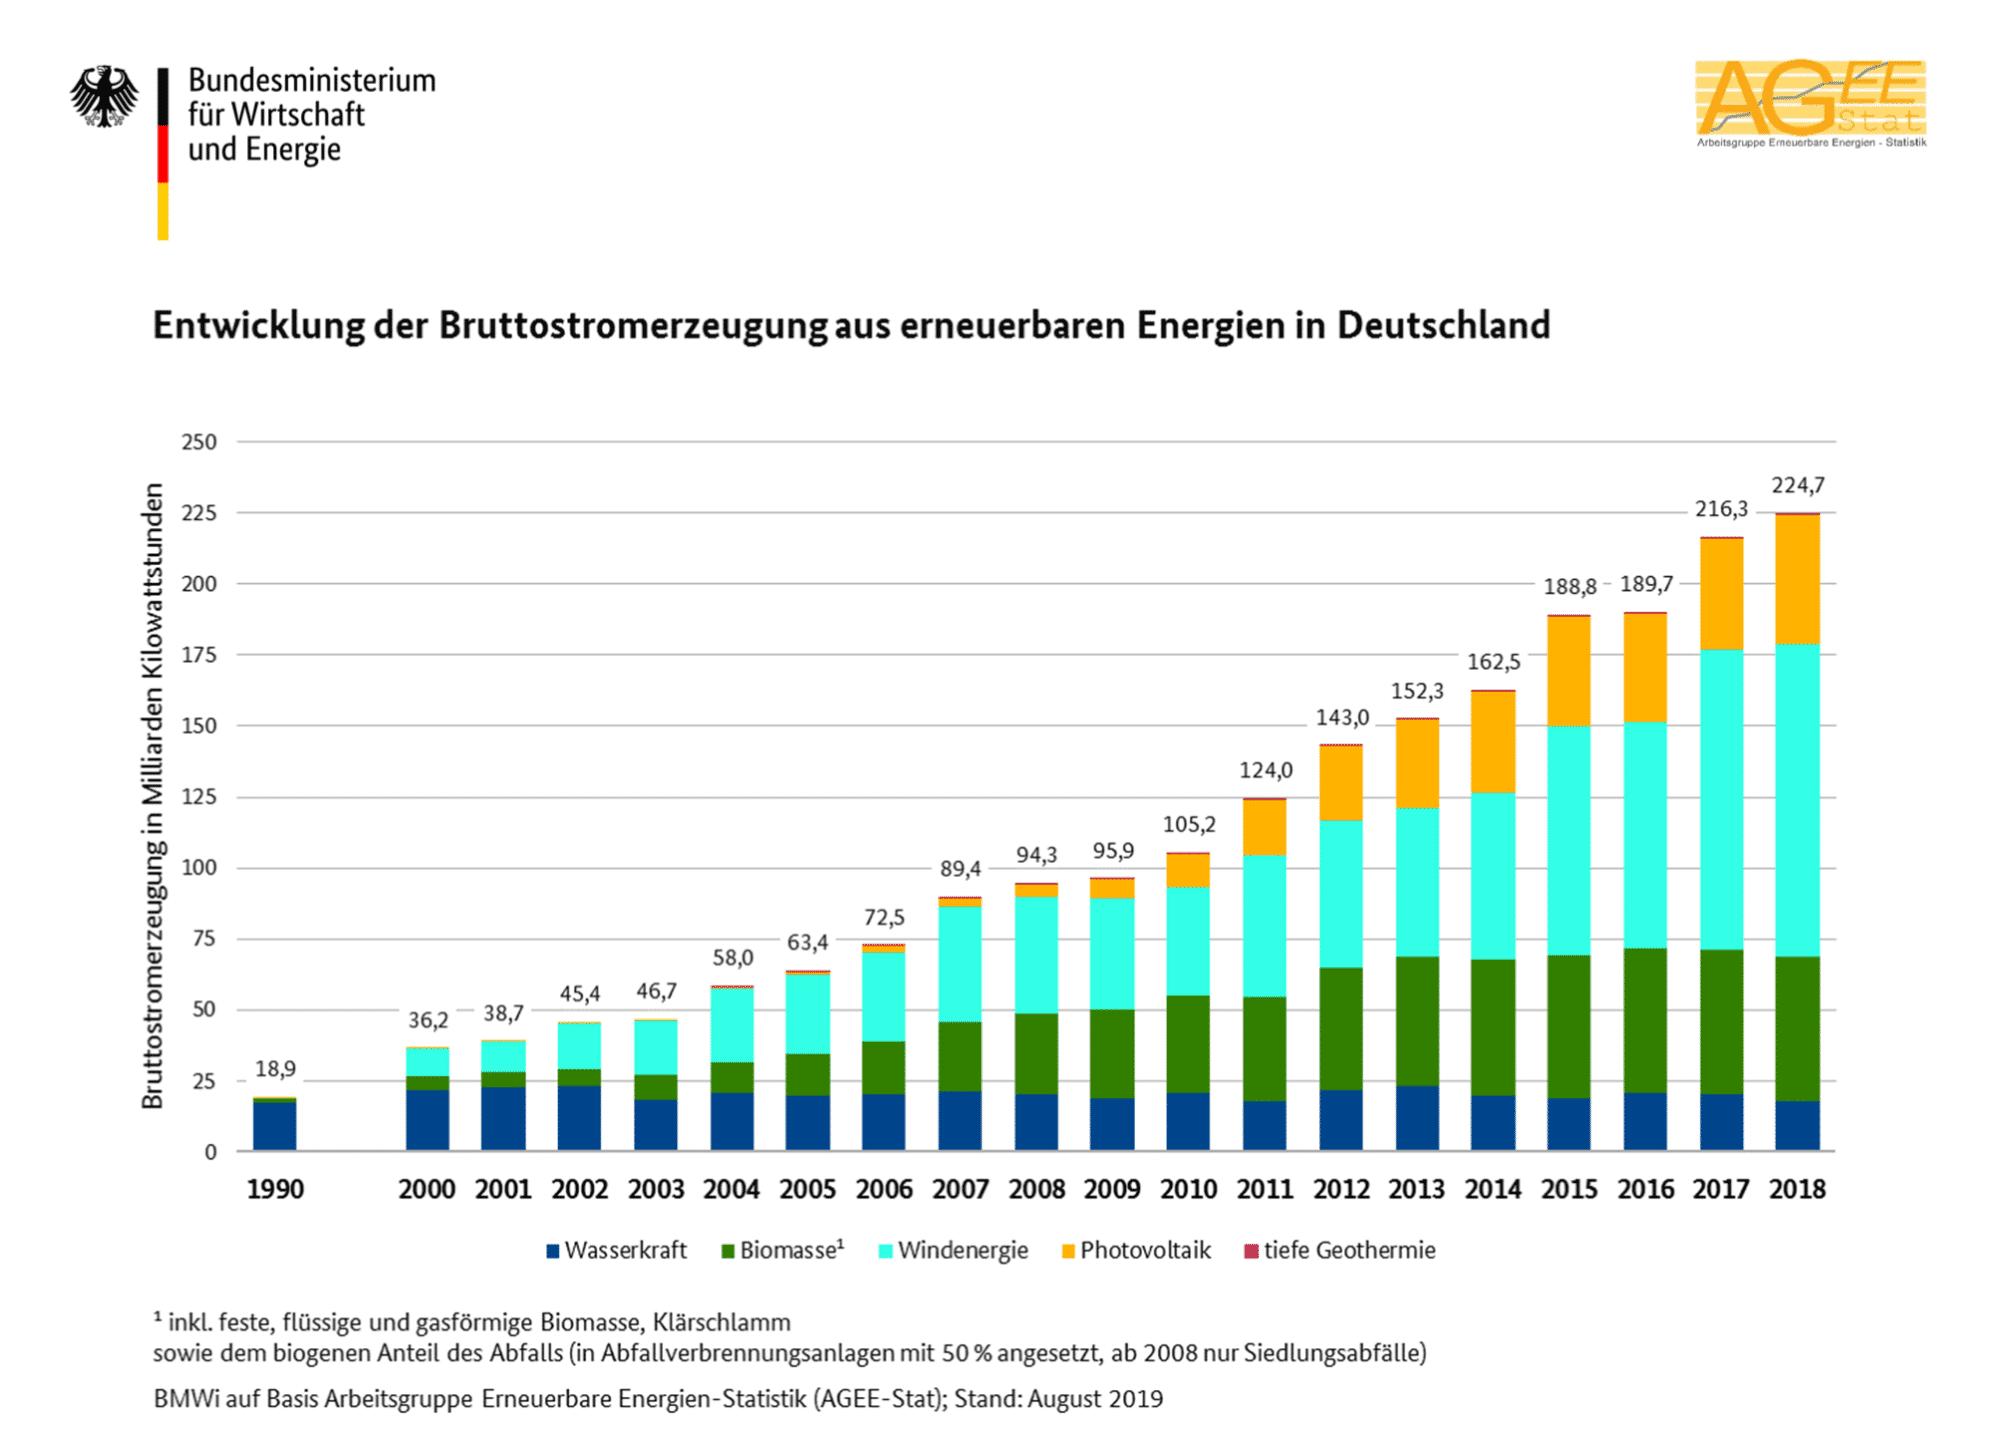 2018 stammten etwa 225 Milliarden Kilowattstunden der Bruttostromerzeugung in Deutschland aus erneuerbarer Energie.